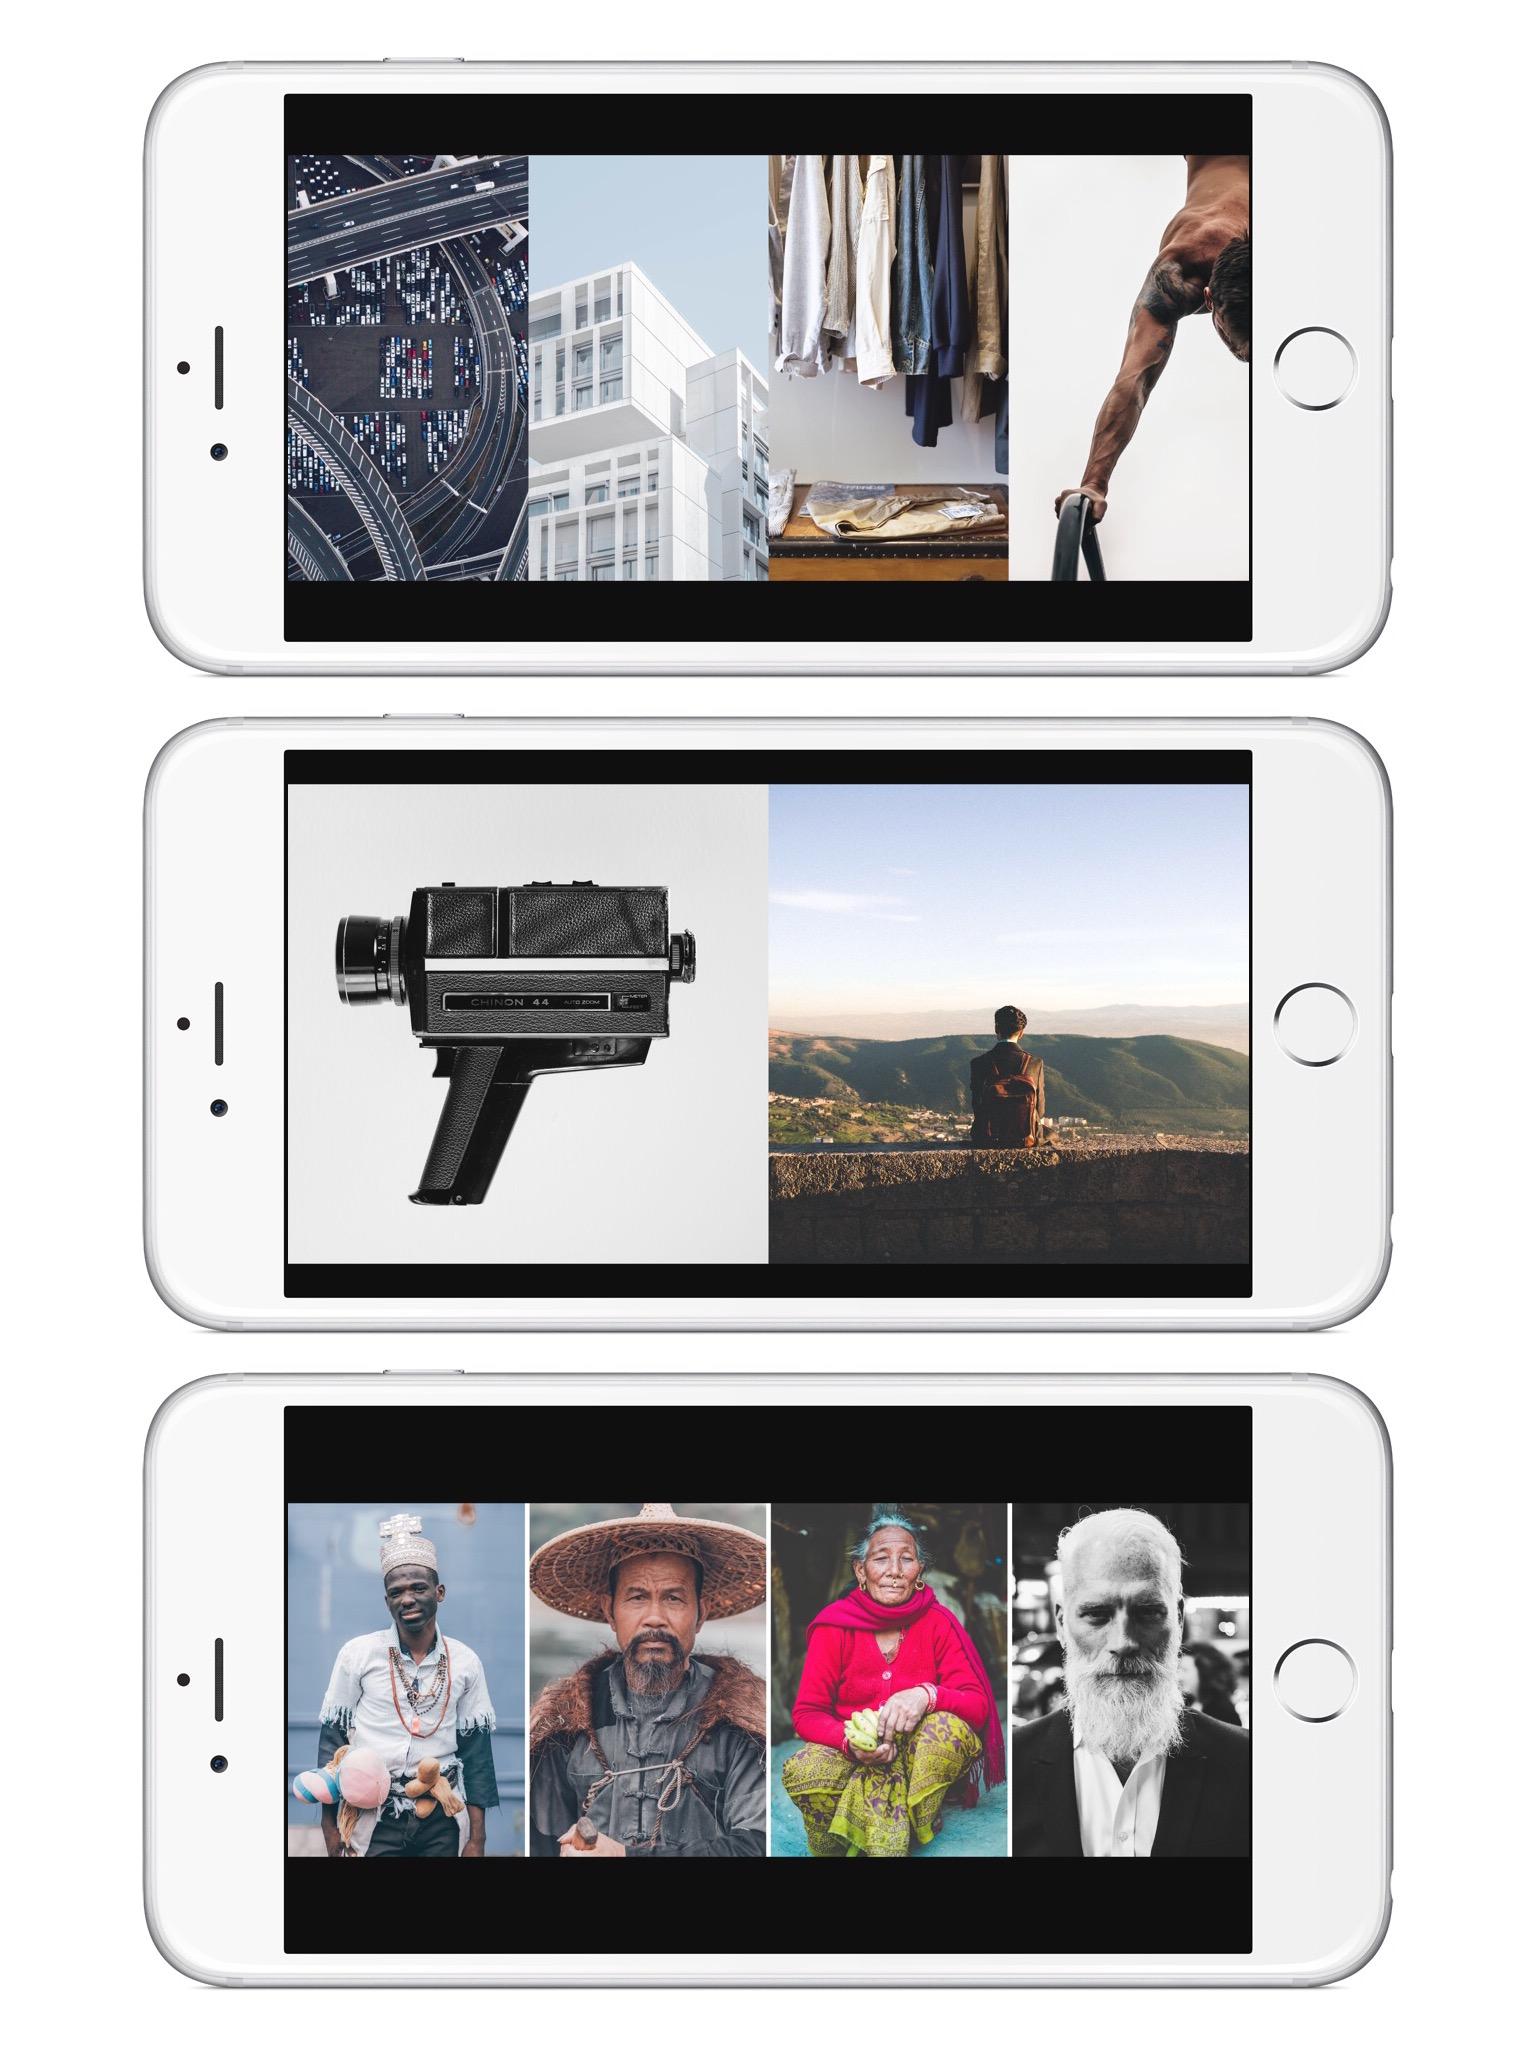 PhotoCollage Pro